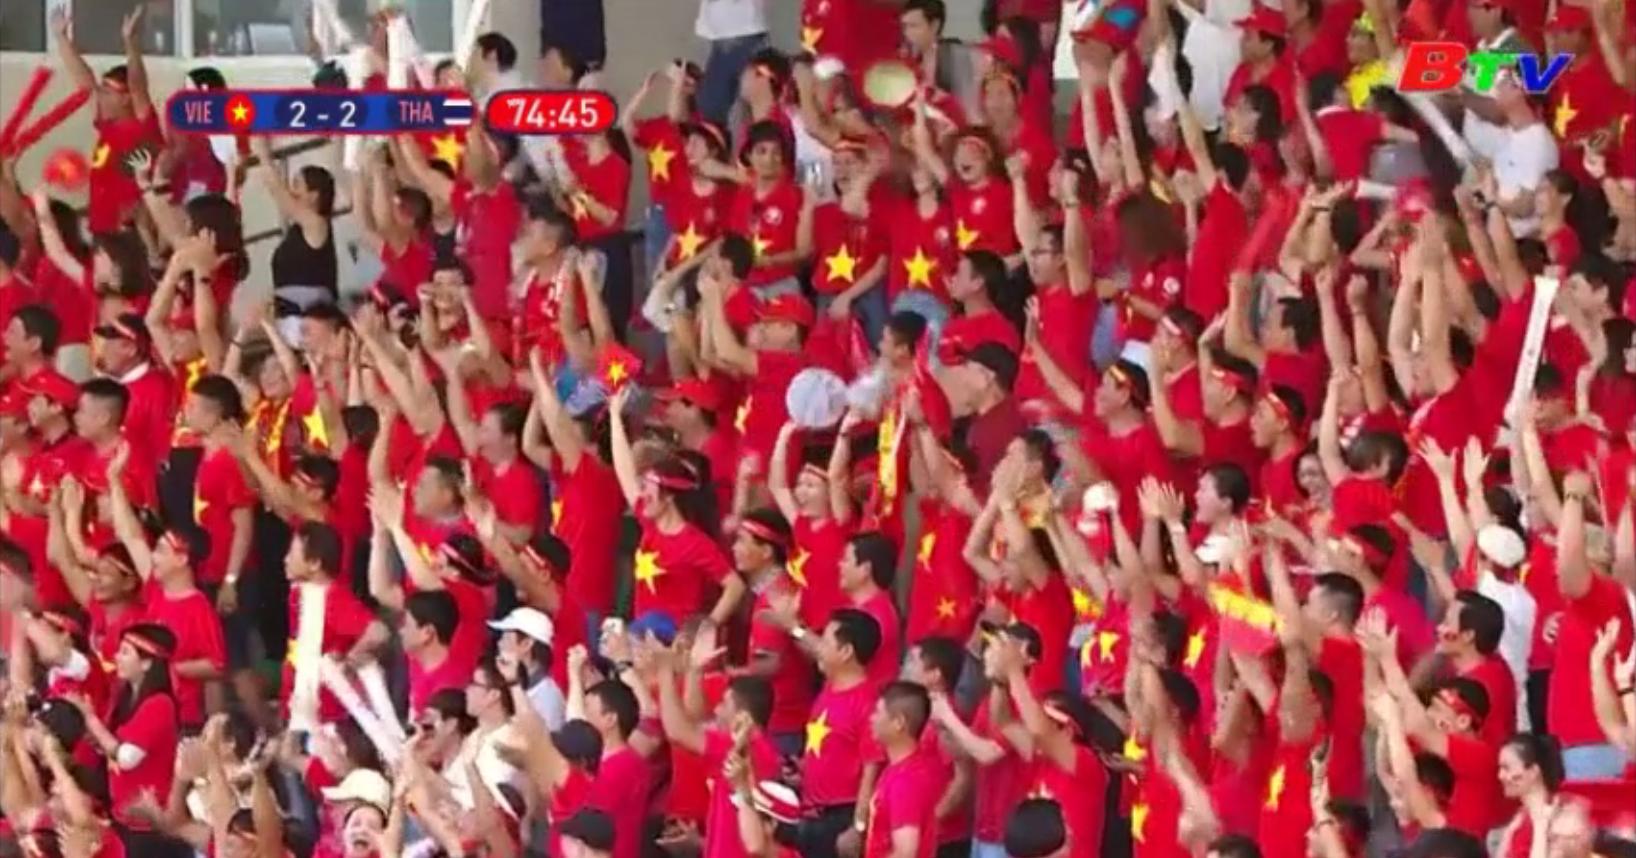 Tin vui từ đội tuyển bóng đá nam U22 và đội tuyển bóng đá nữ Việt Nam